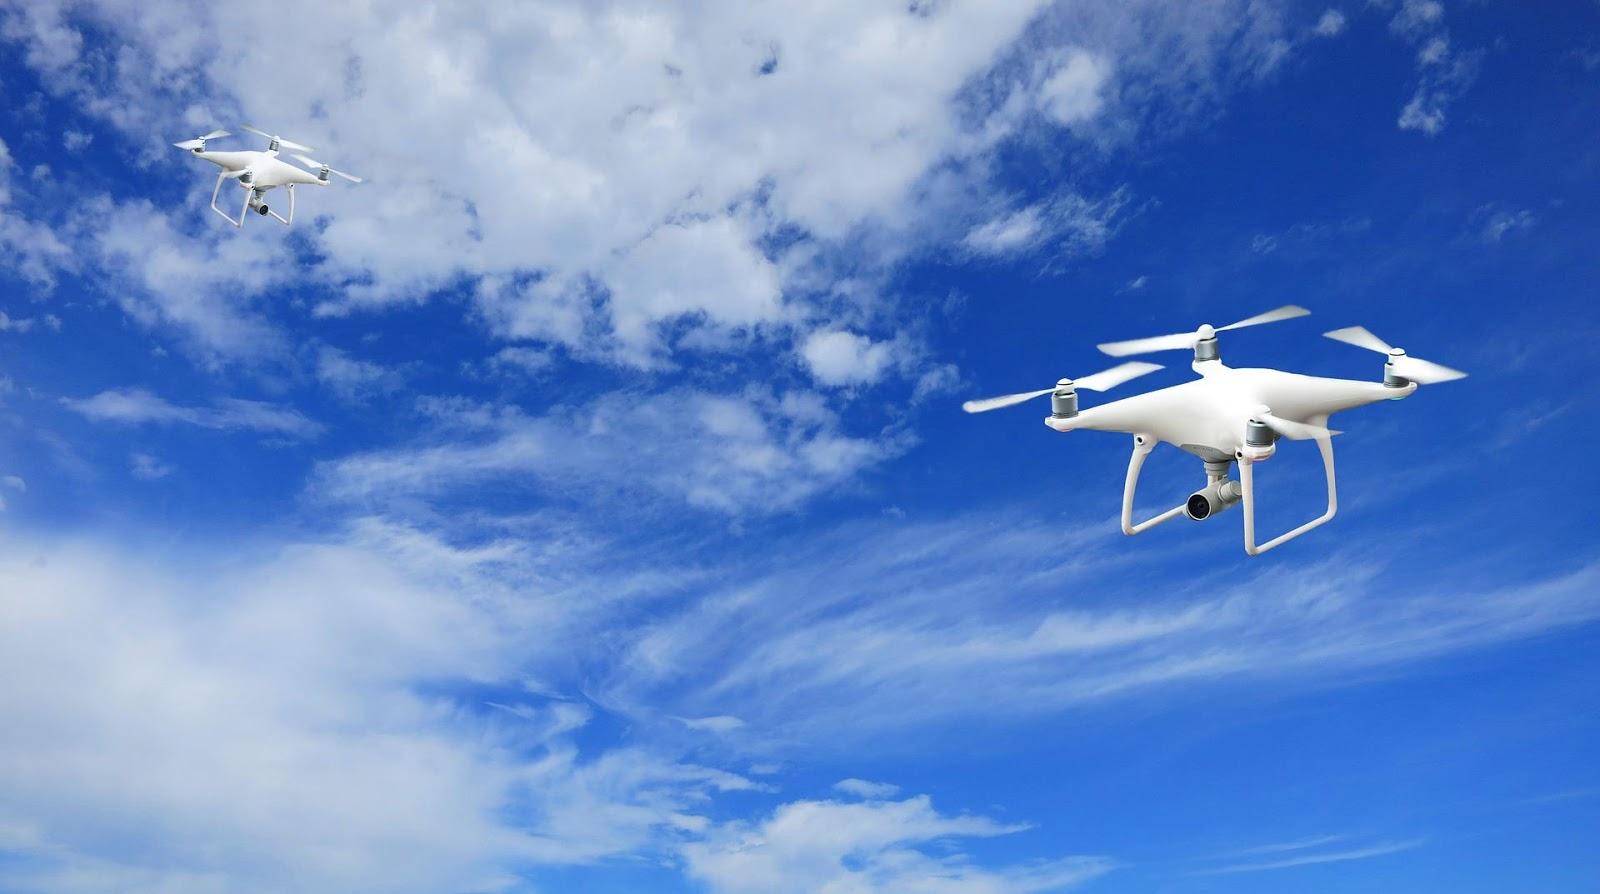 드론버타이징 - 하늘을 나는 드론